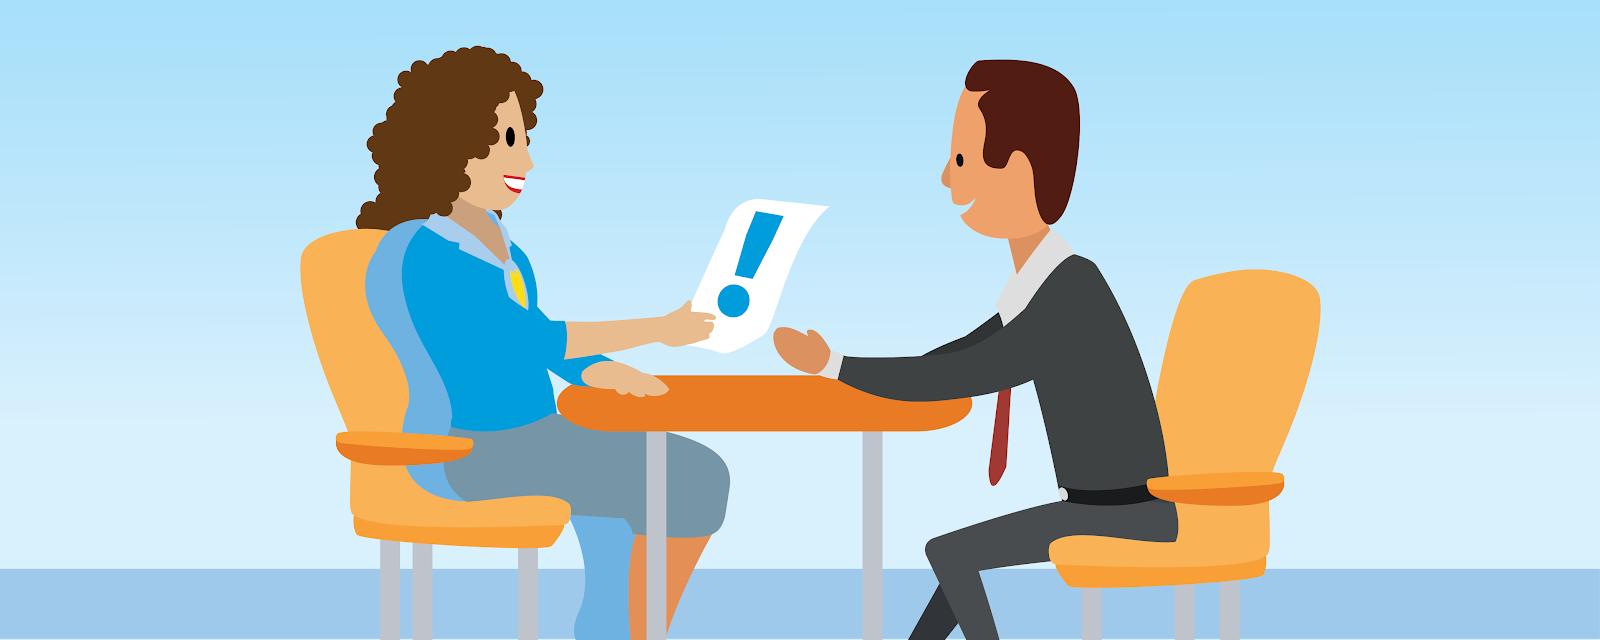 Illustration einer Frau, die zusammen mit einem Mann in einem Anzug an einem Tisch sitzt.